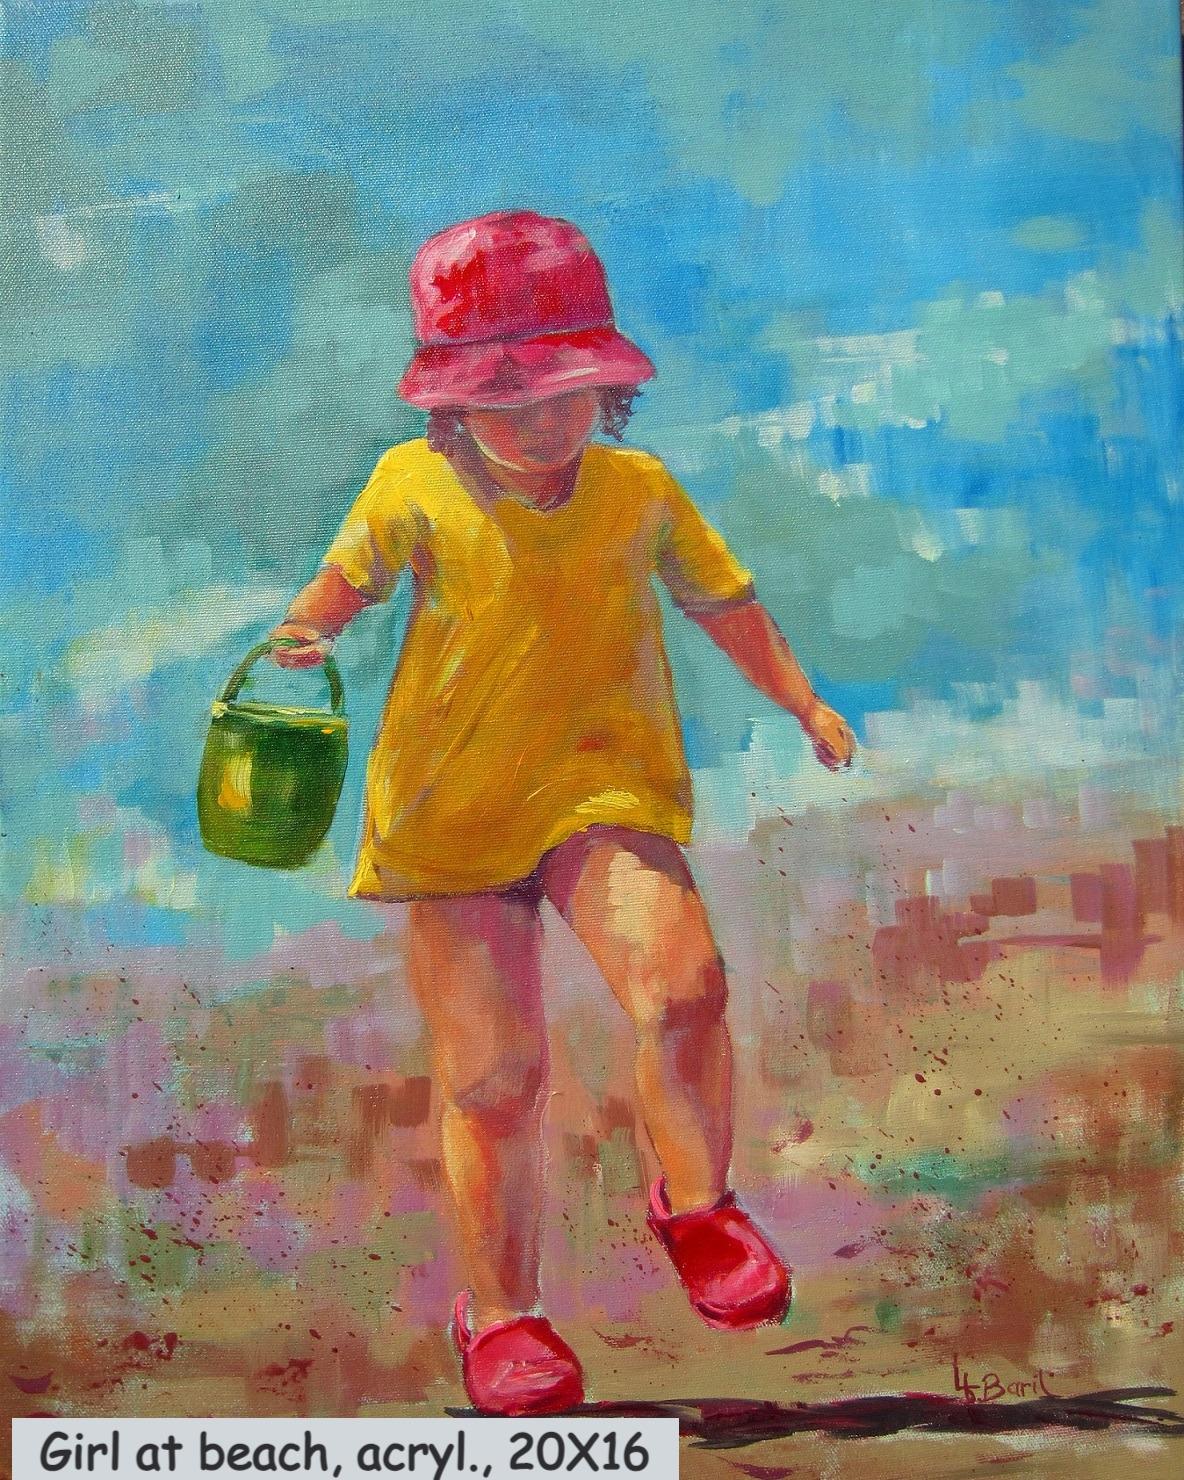 Girl at beach, acrylic, 20X16